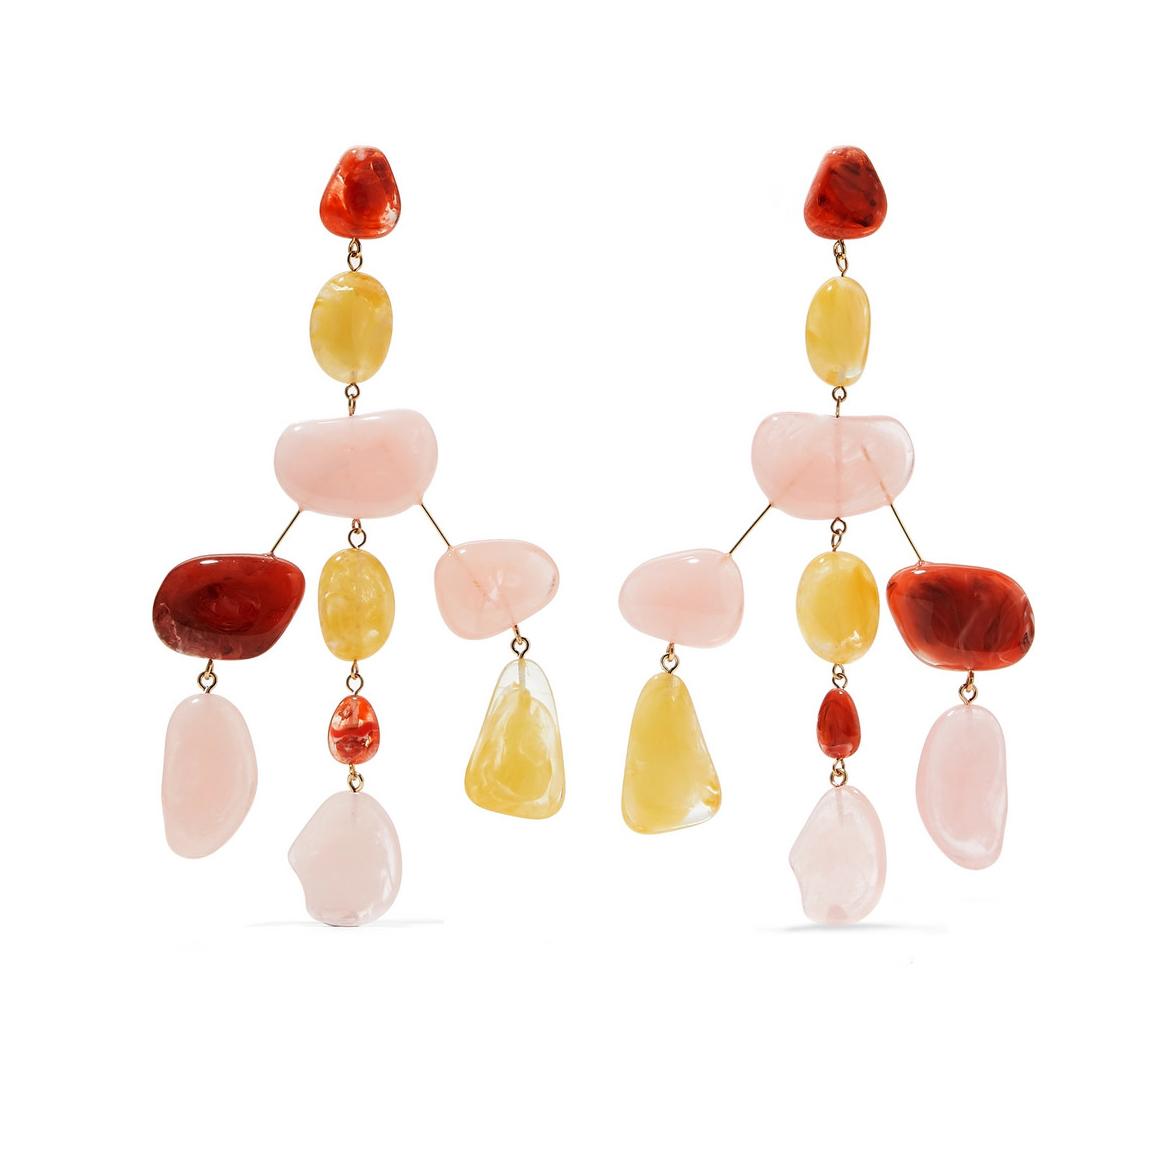 Cult Gaia Sloane Rock Oversized Acrylic Earrings